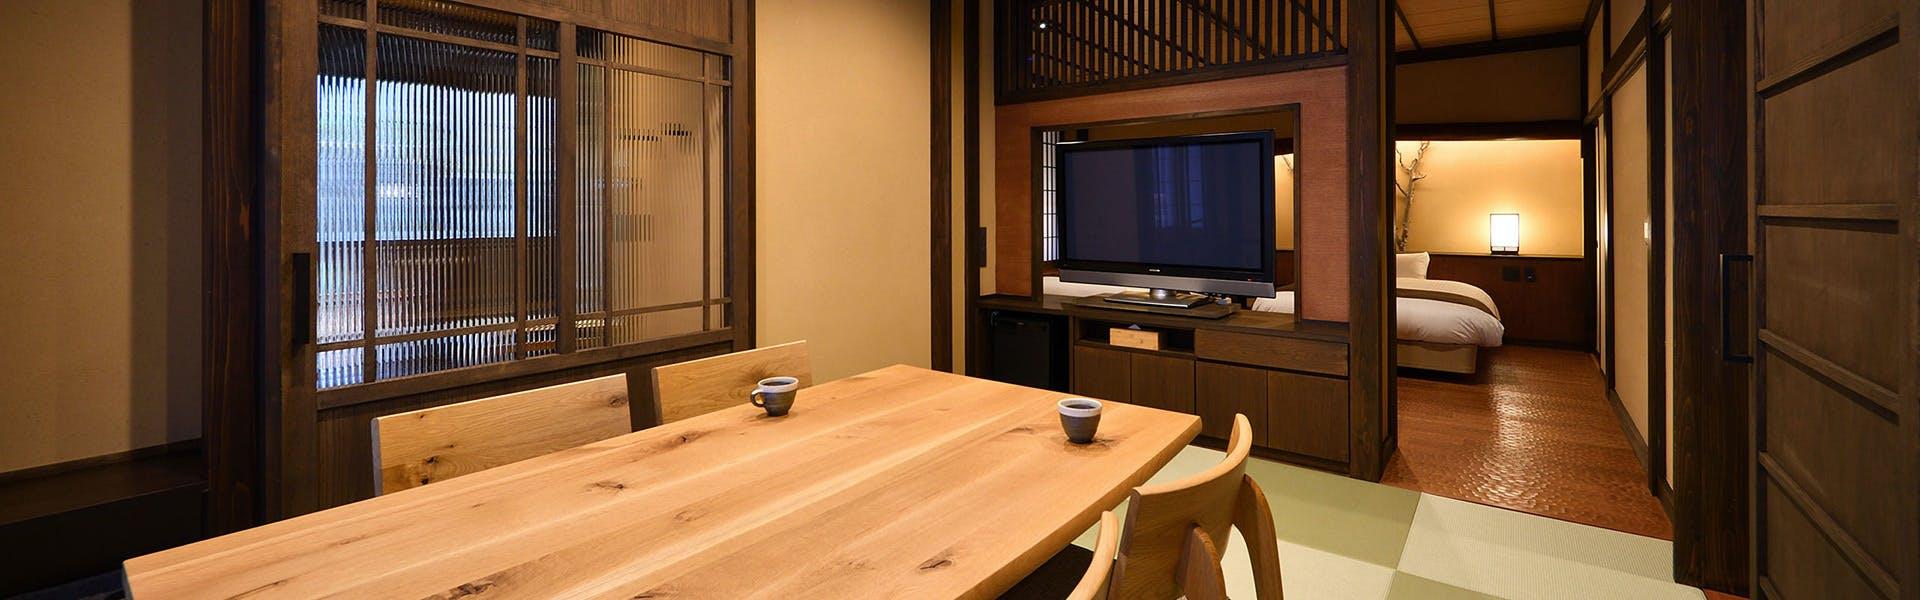 記念日におすすめのホテル・蛍雪の宿 尚文の写真3